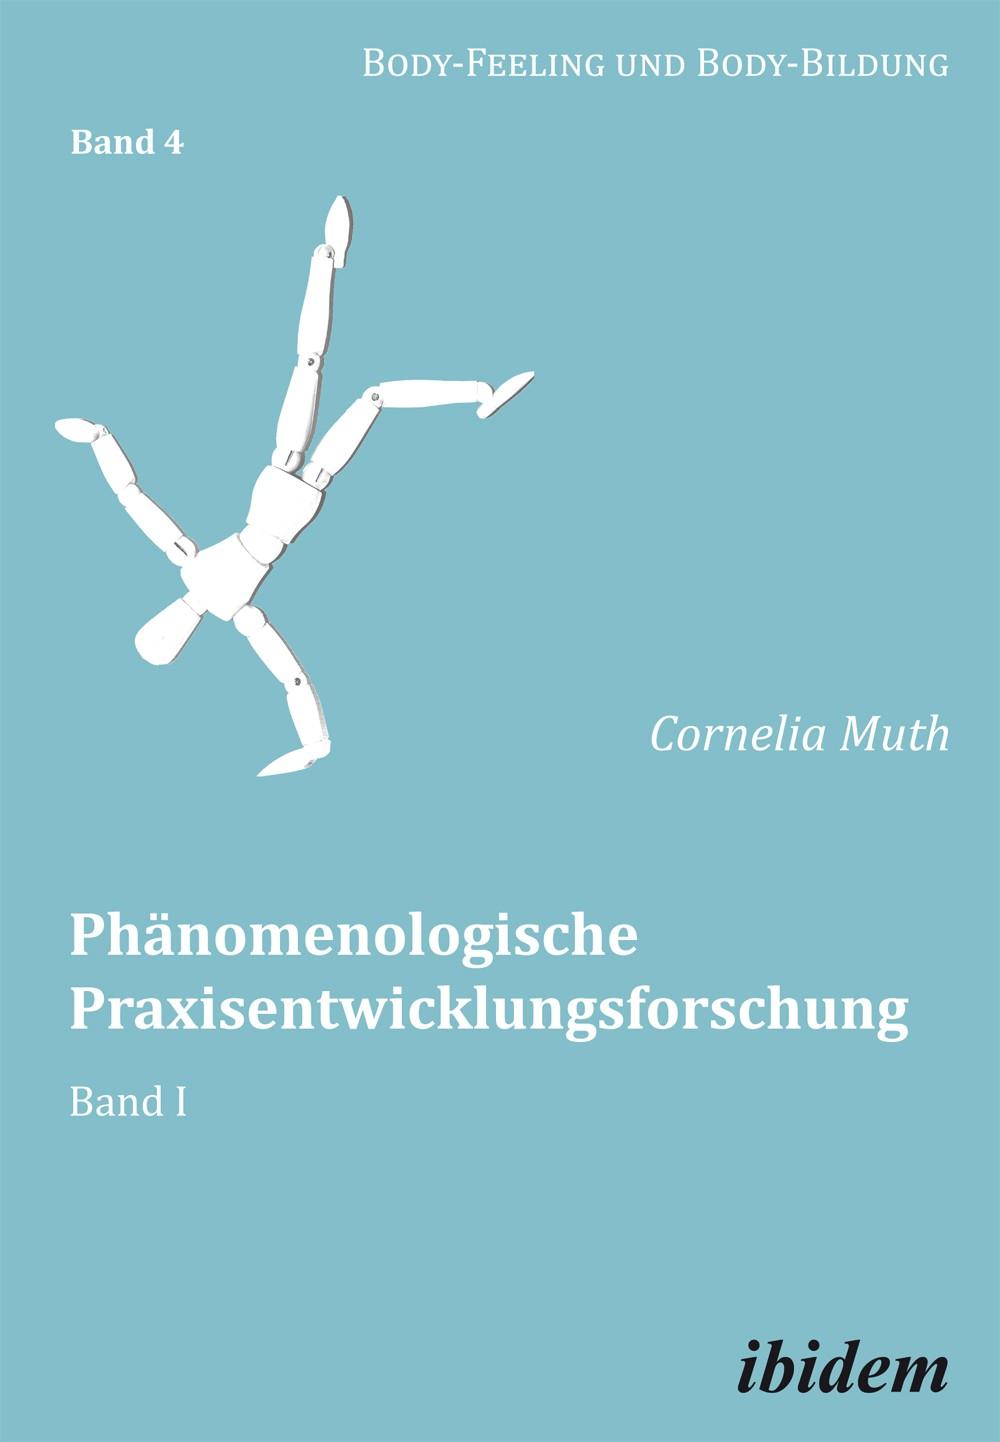 Phänomenologische Praxisentwicklungsforschung